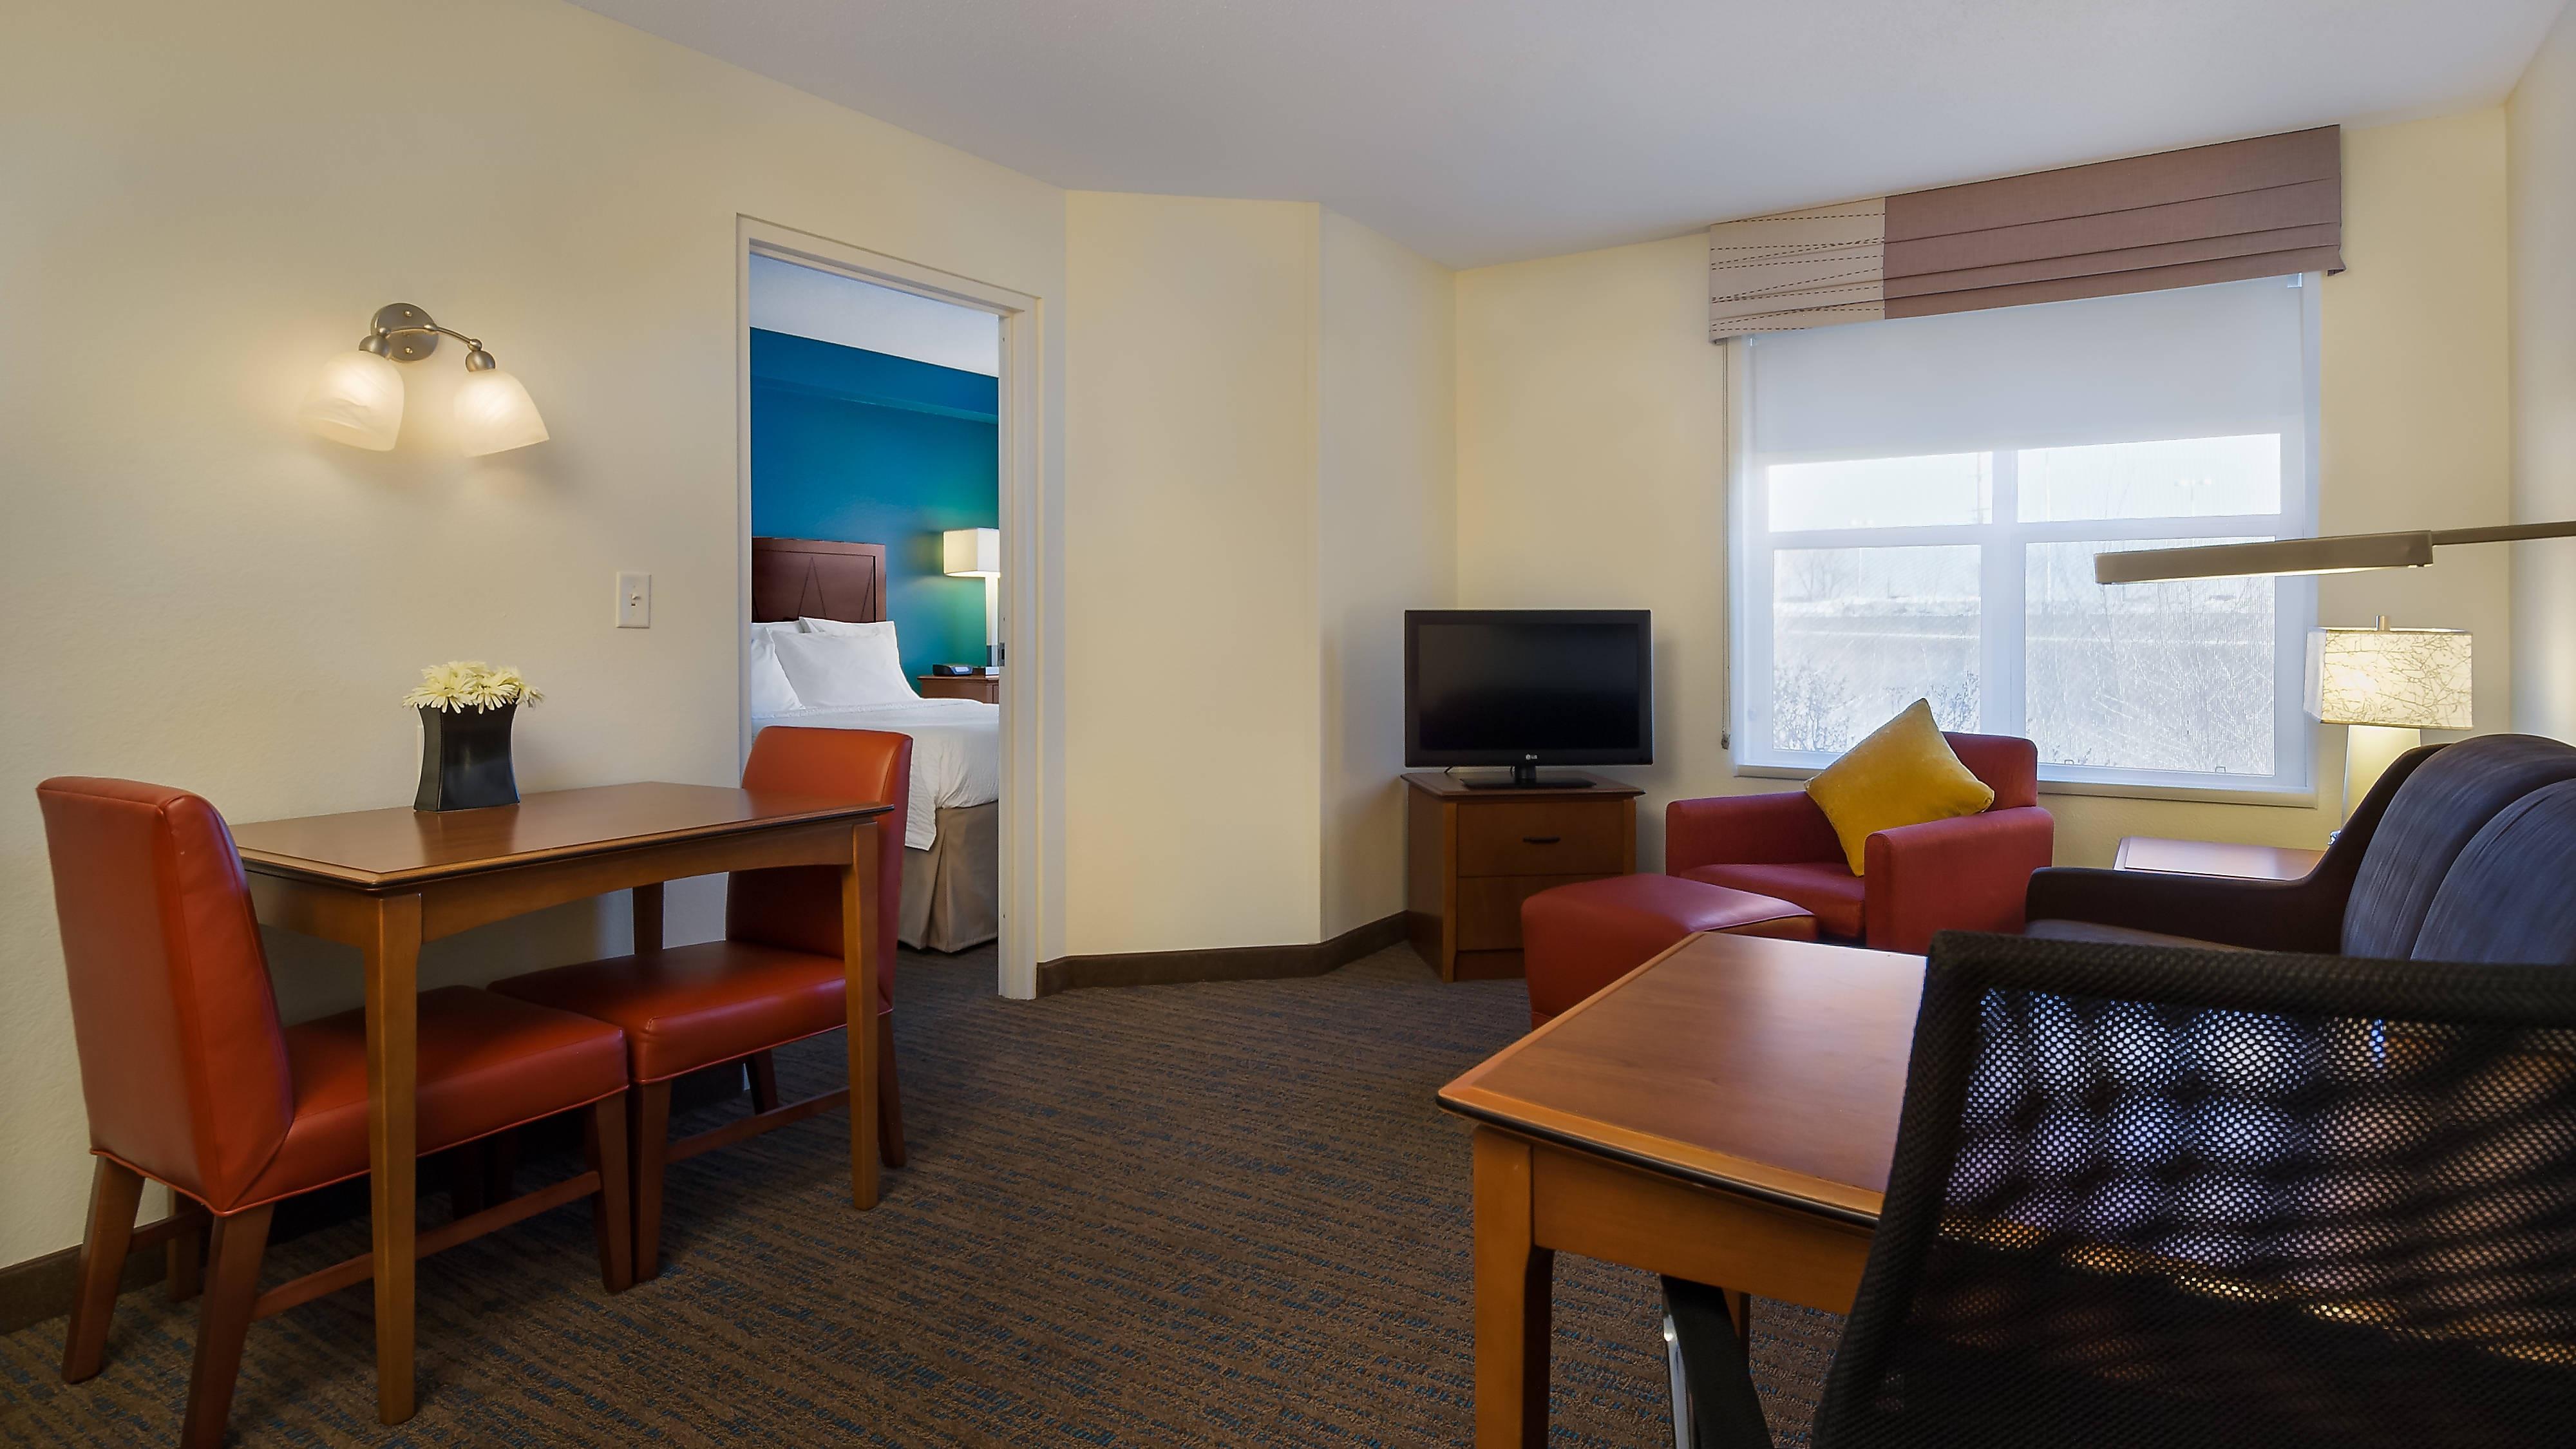 Hotel Deals Middleton, WI